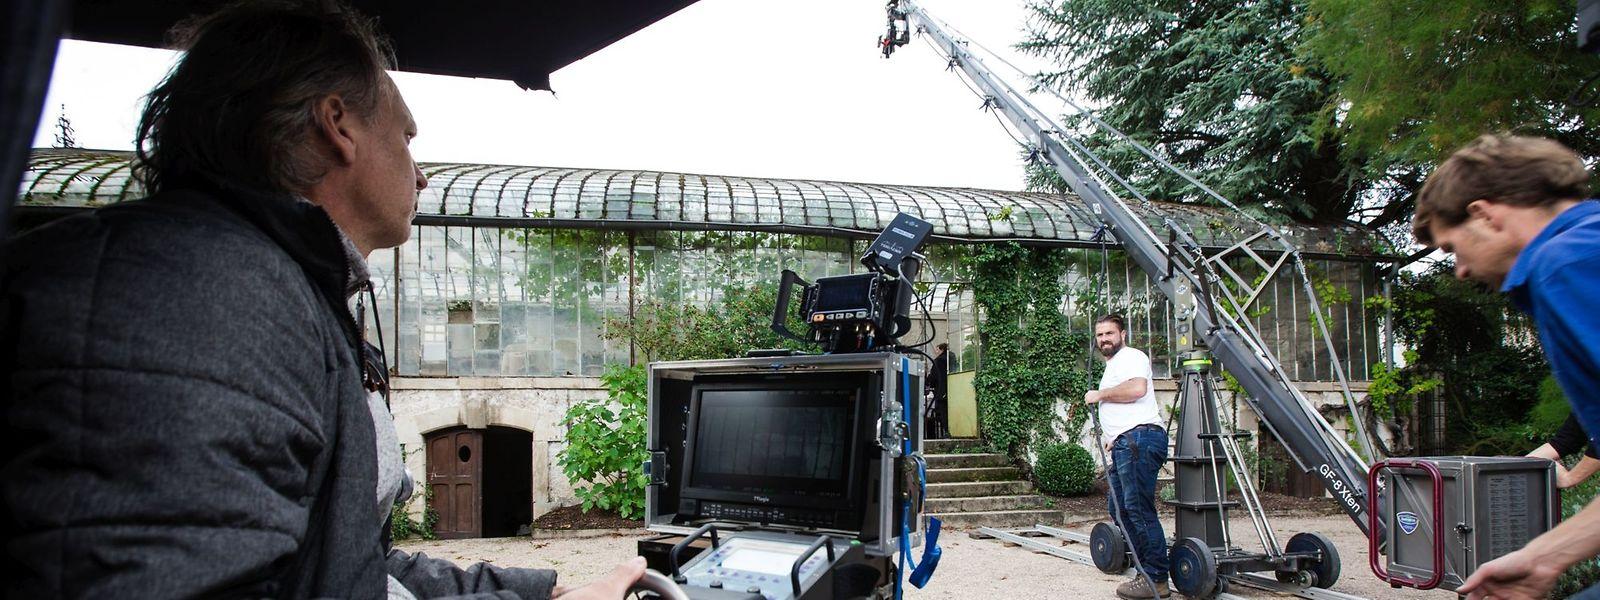 Zwischen 900 und 1000 Menschen arbeiten in der Luxemburger Filmwelt.